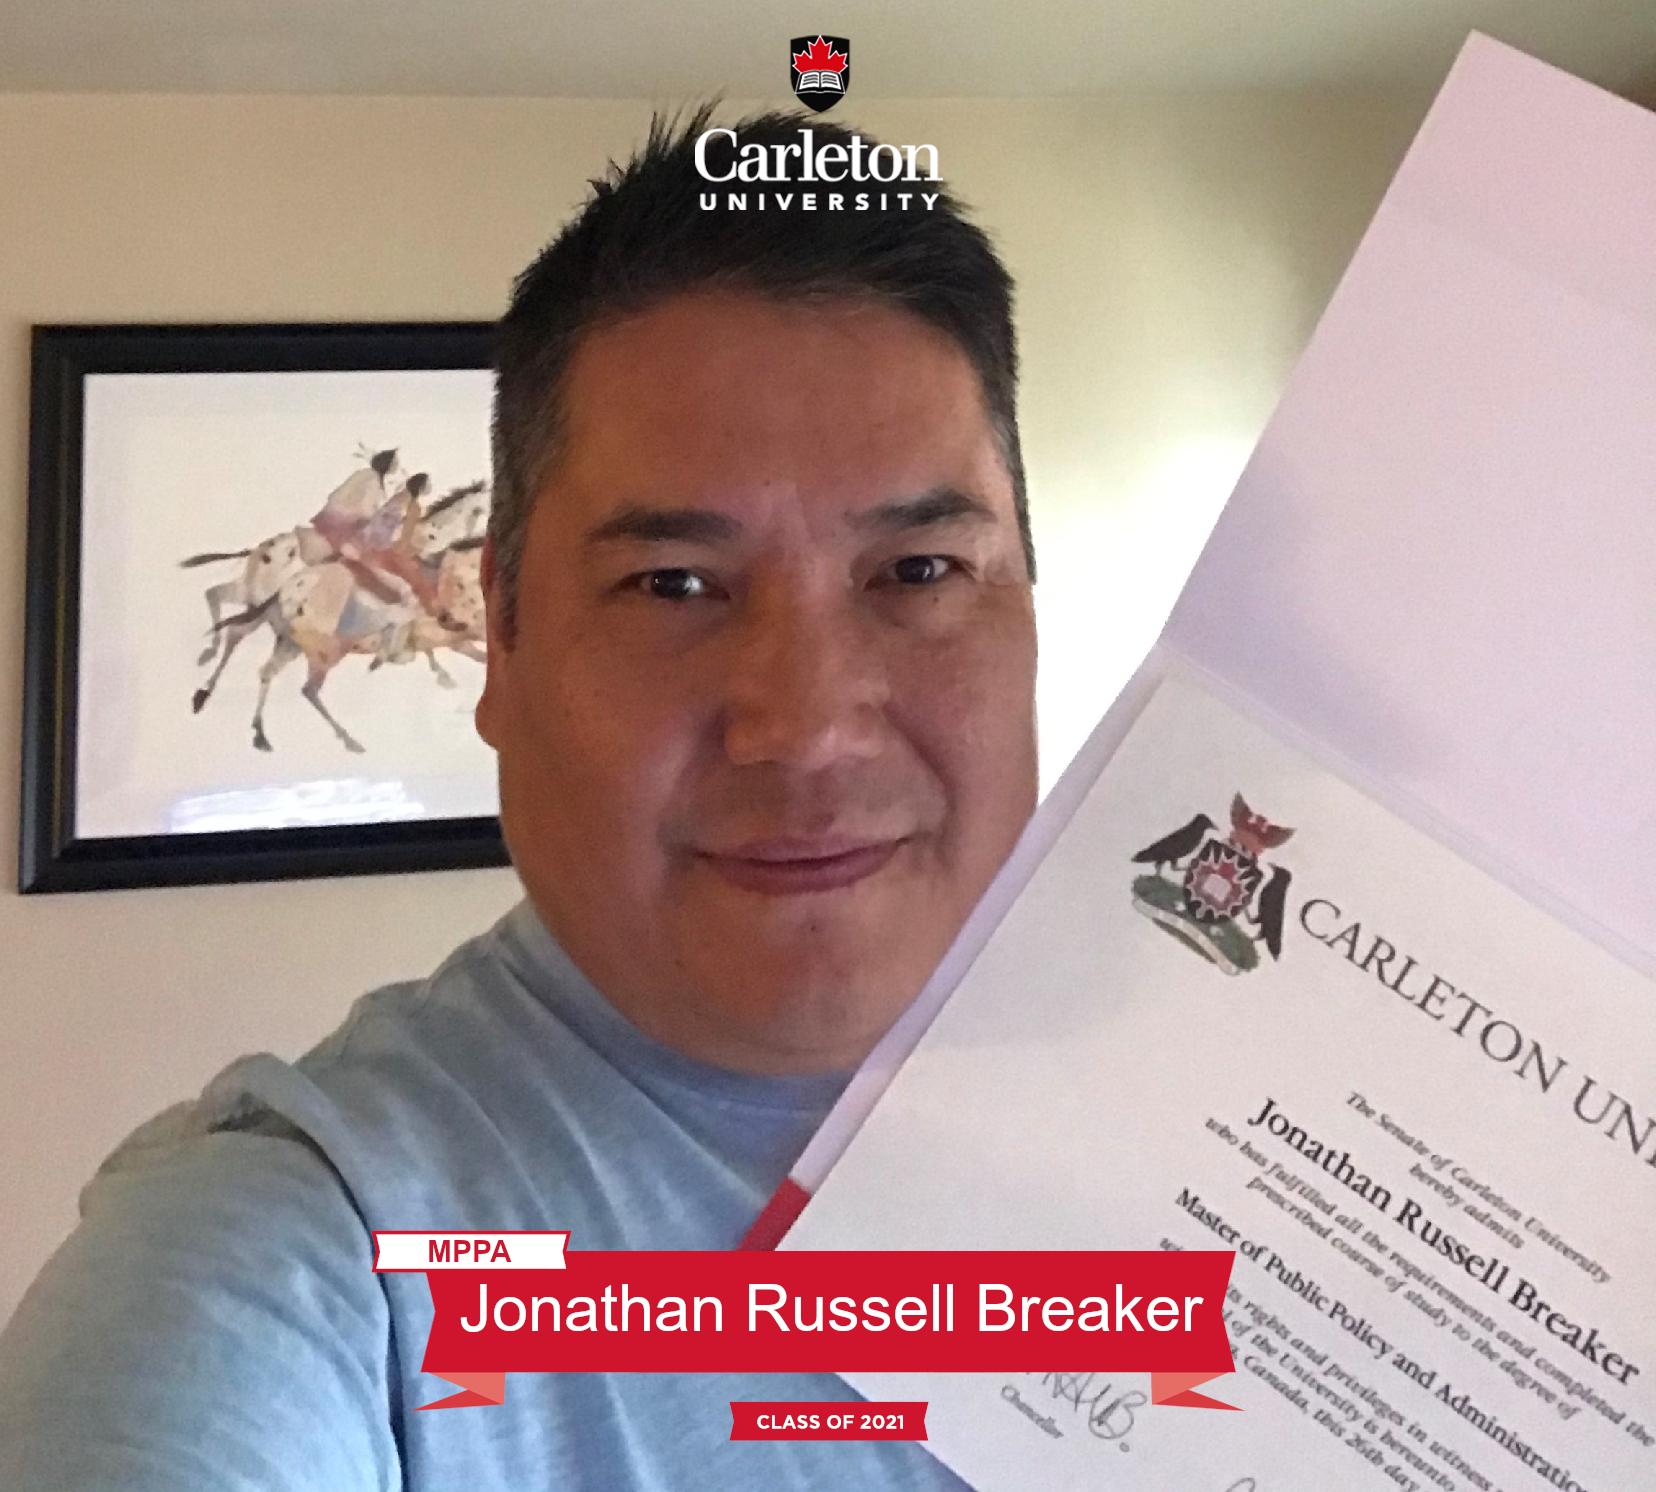 Jonathan Russell Breaker. MPPA graduate, class of 2021